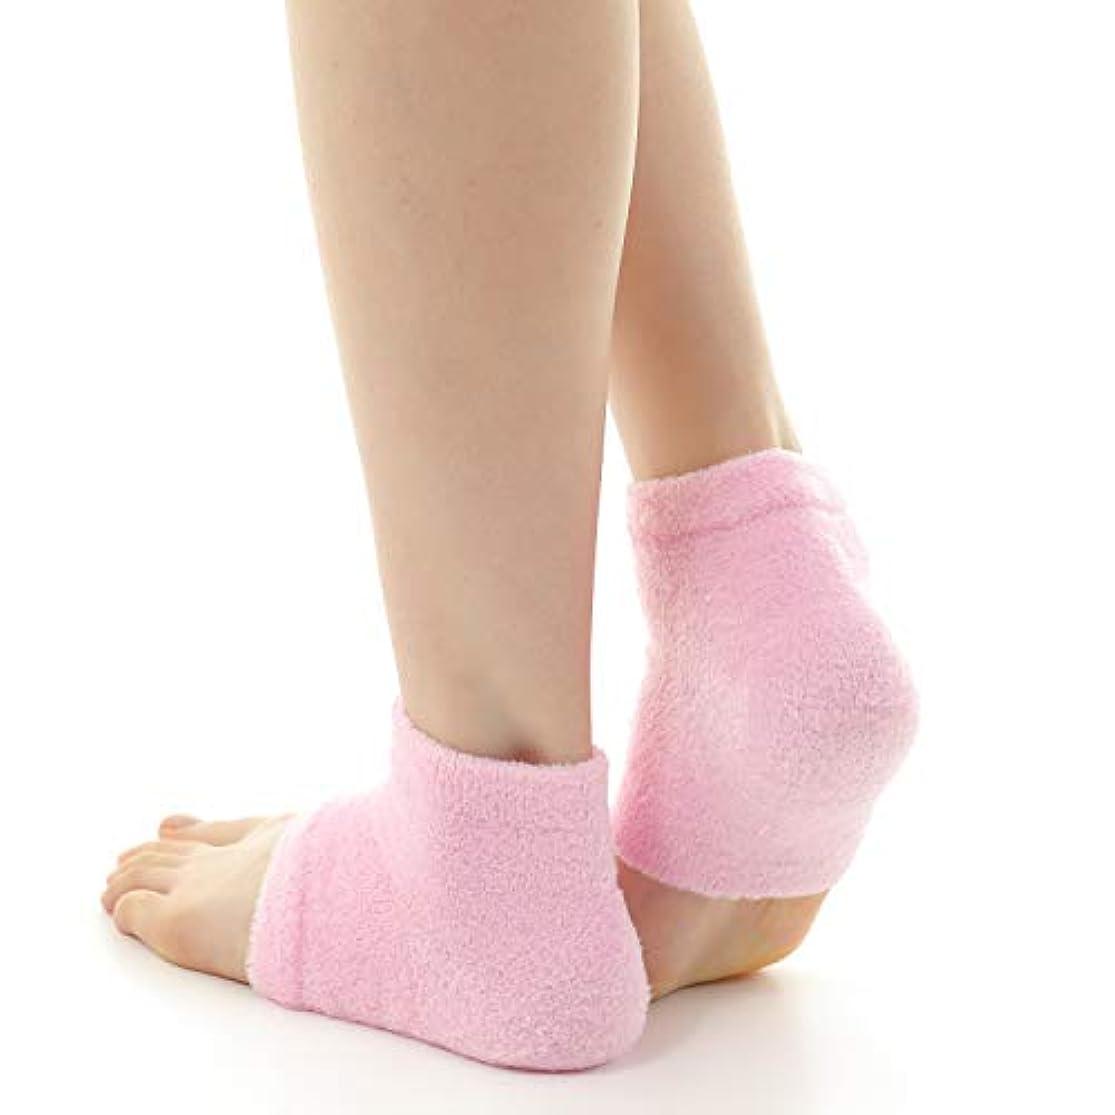 サドル明示的にサイレンドットジャパン かかとケア ぷるもこ ジェルソックス サポーター ひび割れ 角質取り 保湿 靴下 フリーサイズ (ピンク)